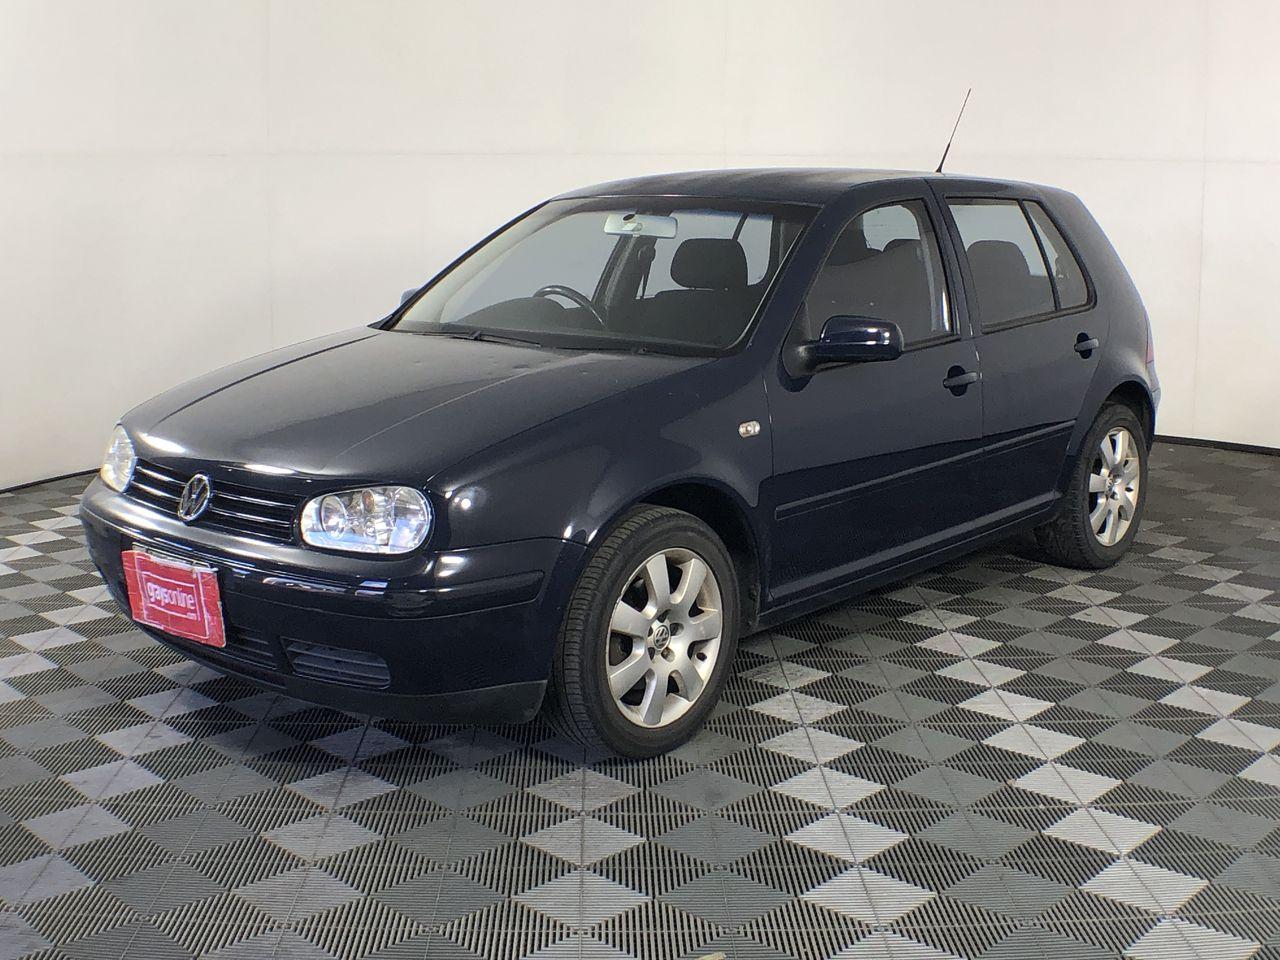 2003 Volkswagen Golf 2.0 Generation A4 Automatic Hatchback (WOVR)